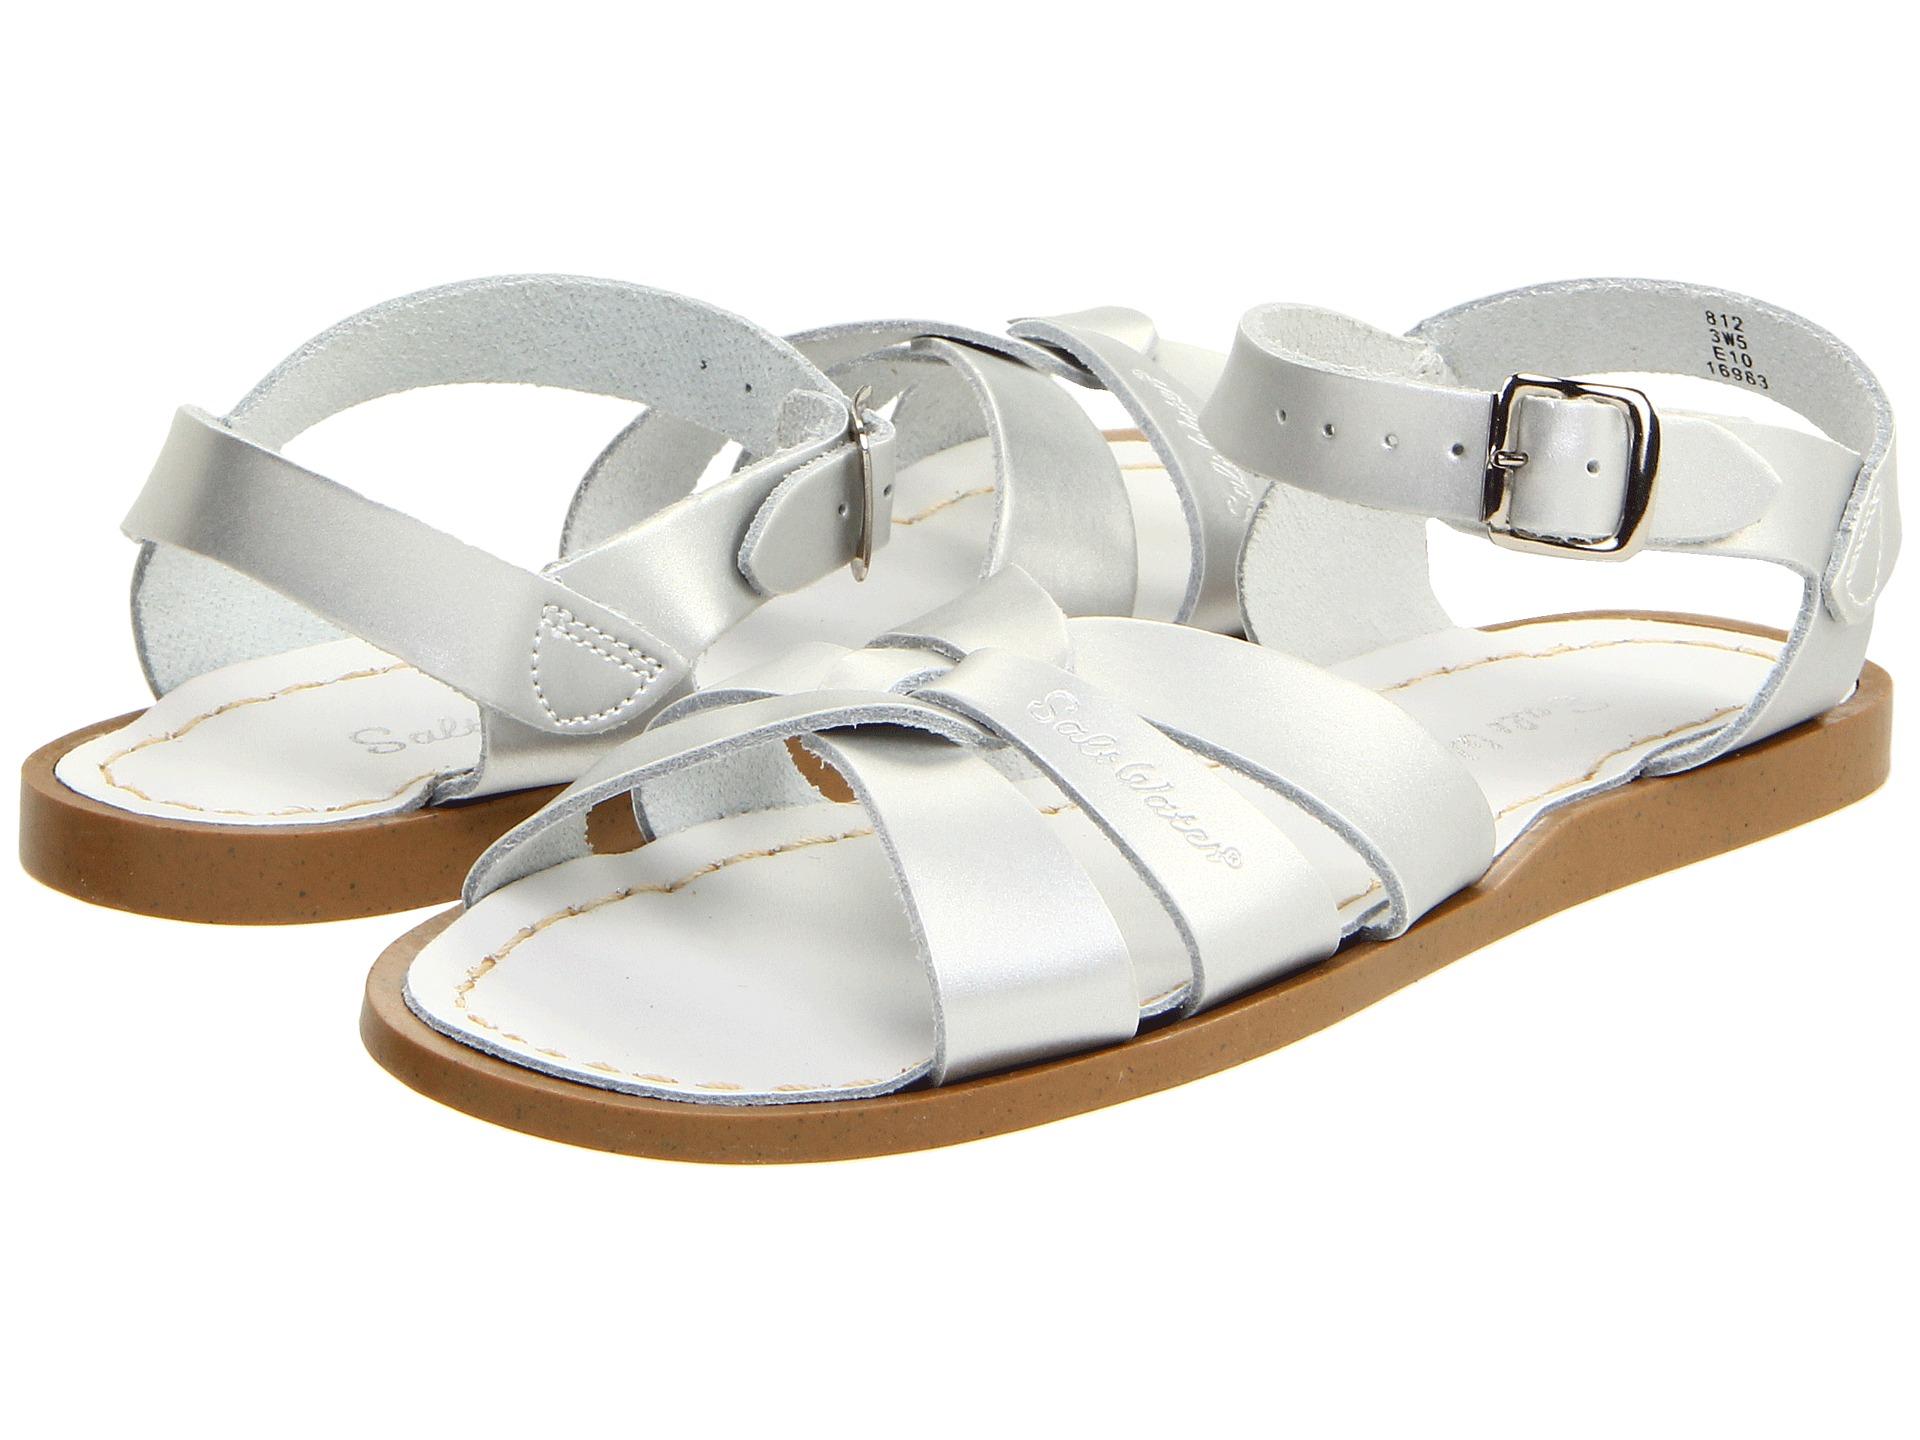 salt water shoes 28 images salt water sandal by hoy shoes the original sandal infant salt. Black Bedroom Furniture Sets. Home Design Ideas